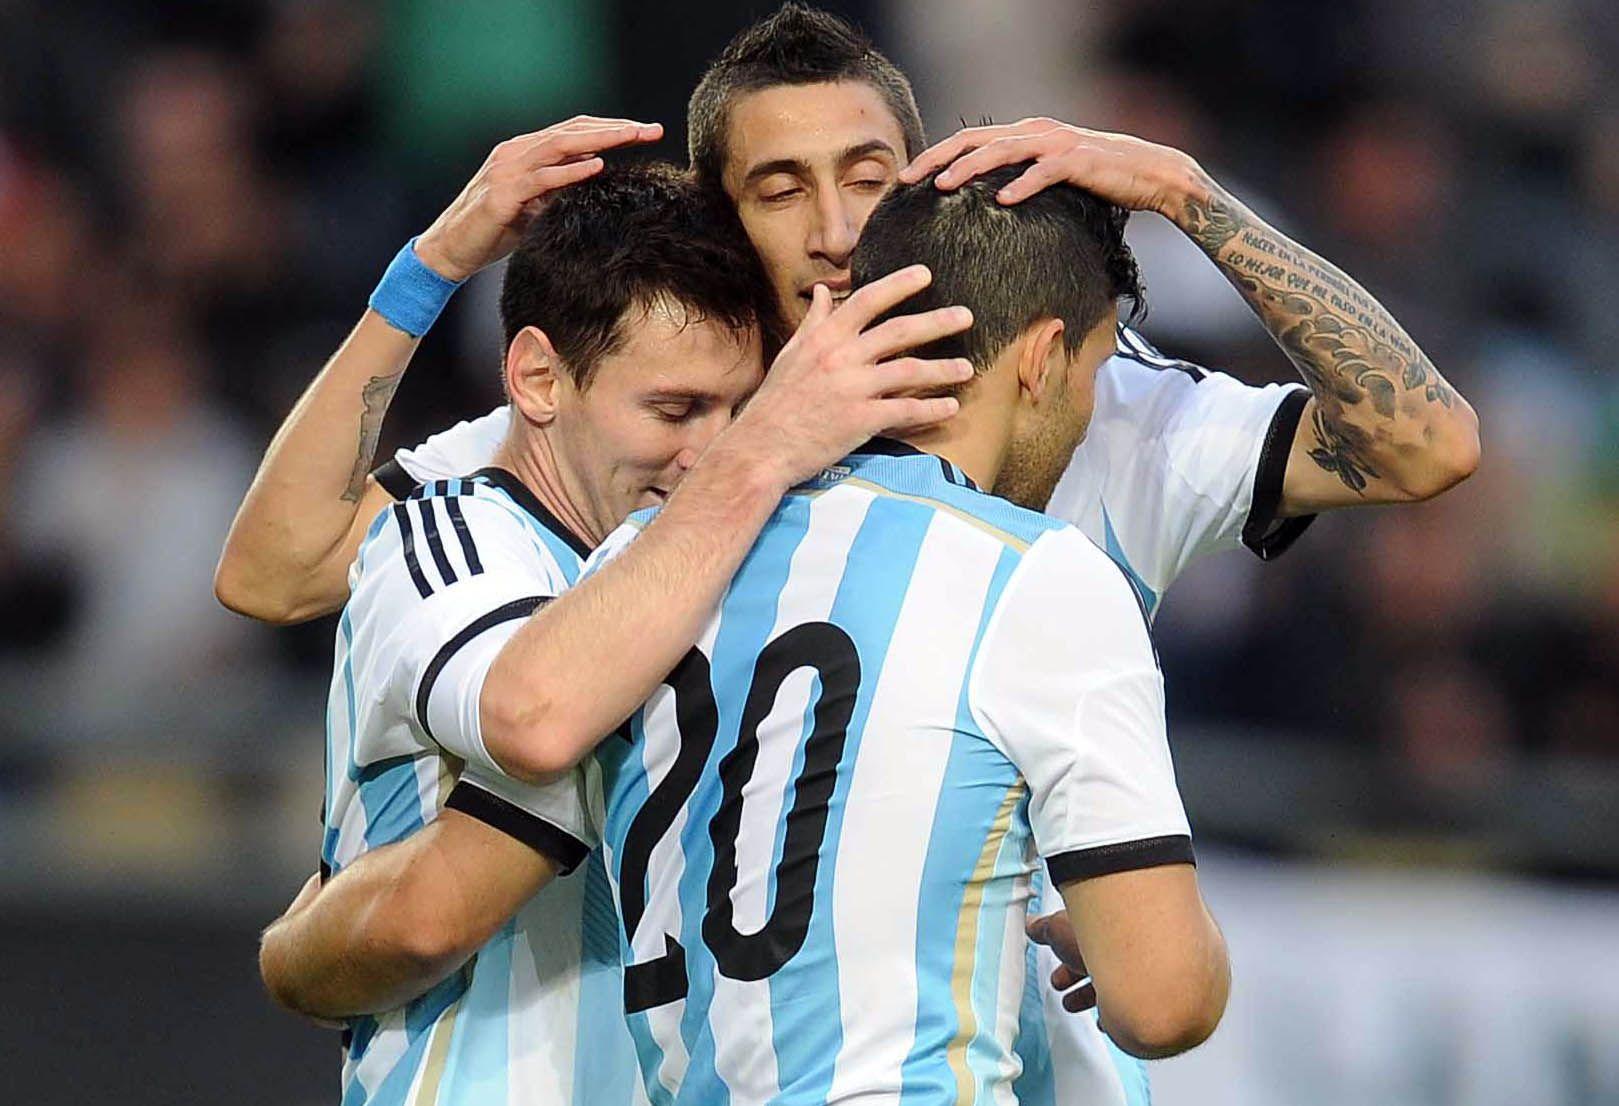 Los 23 jugadores que lograron el subcampeonato del mundo fueron convocados para jugar con Alemania.